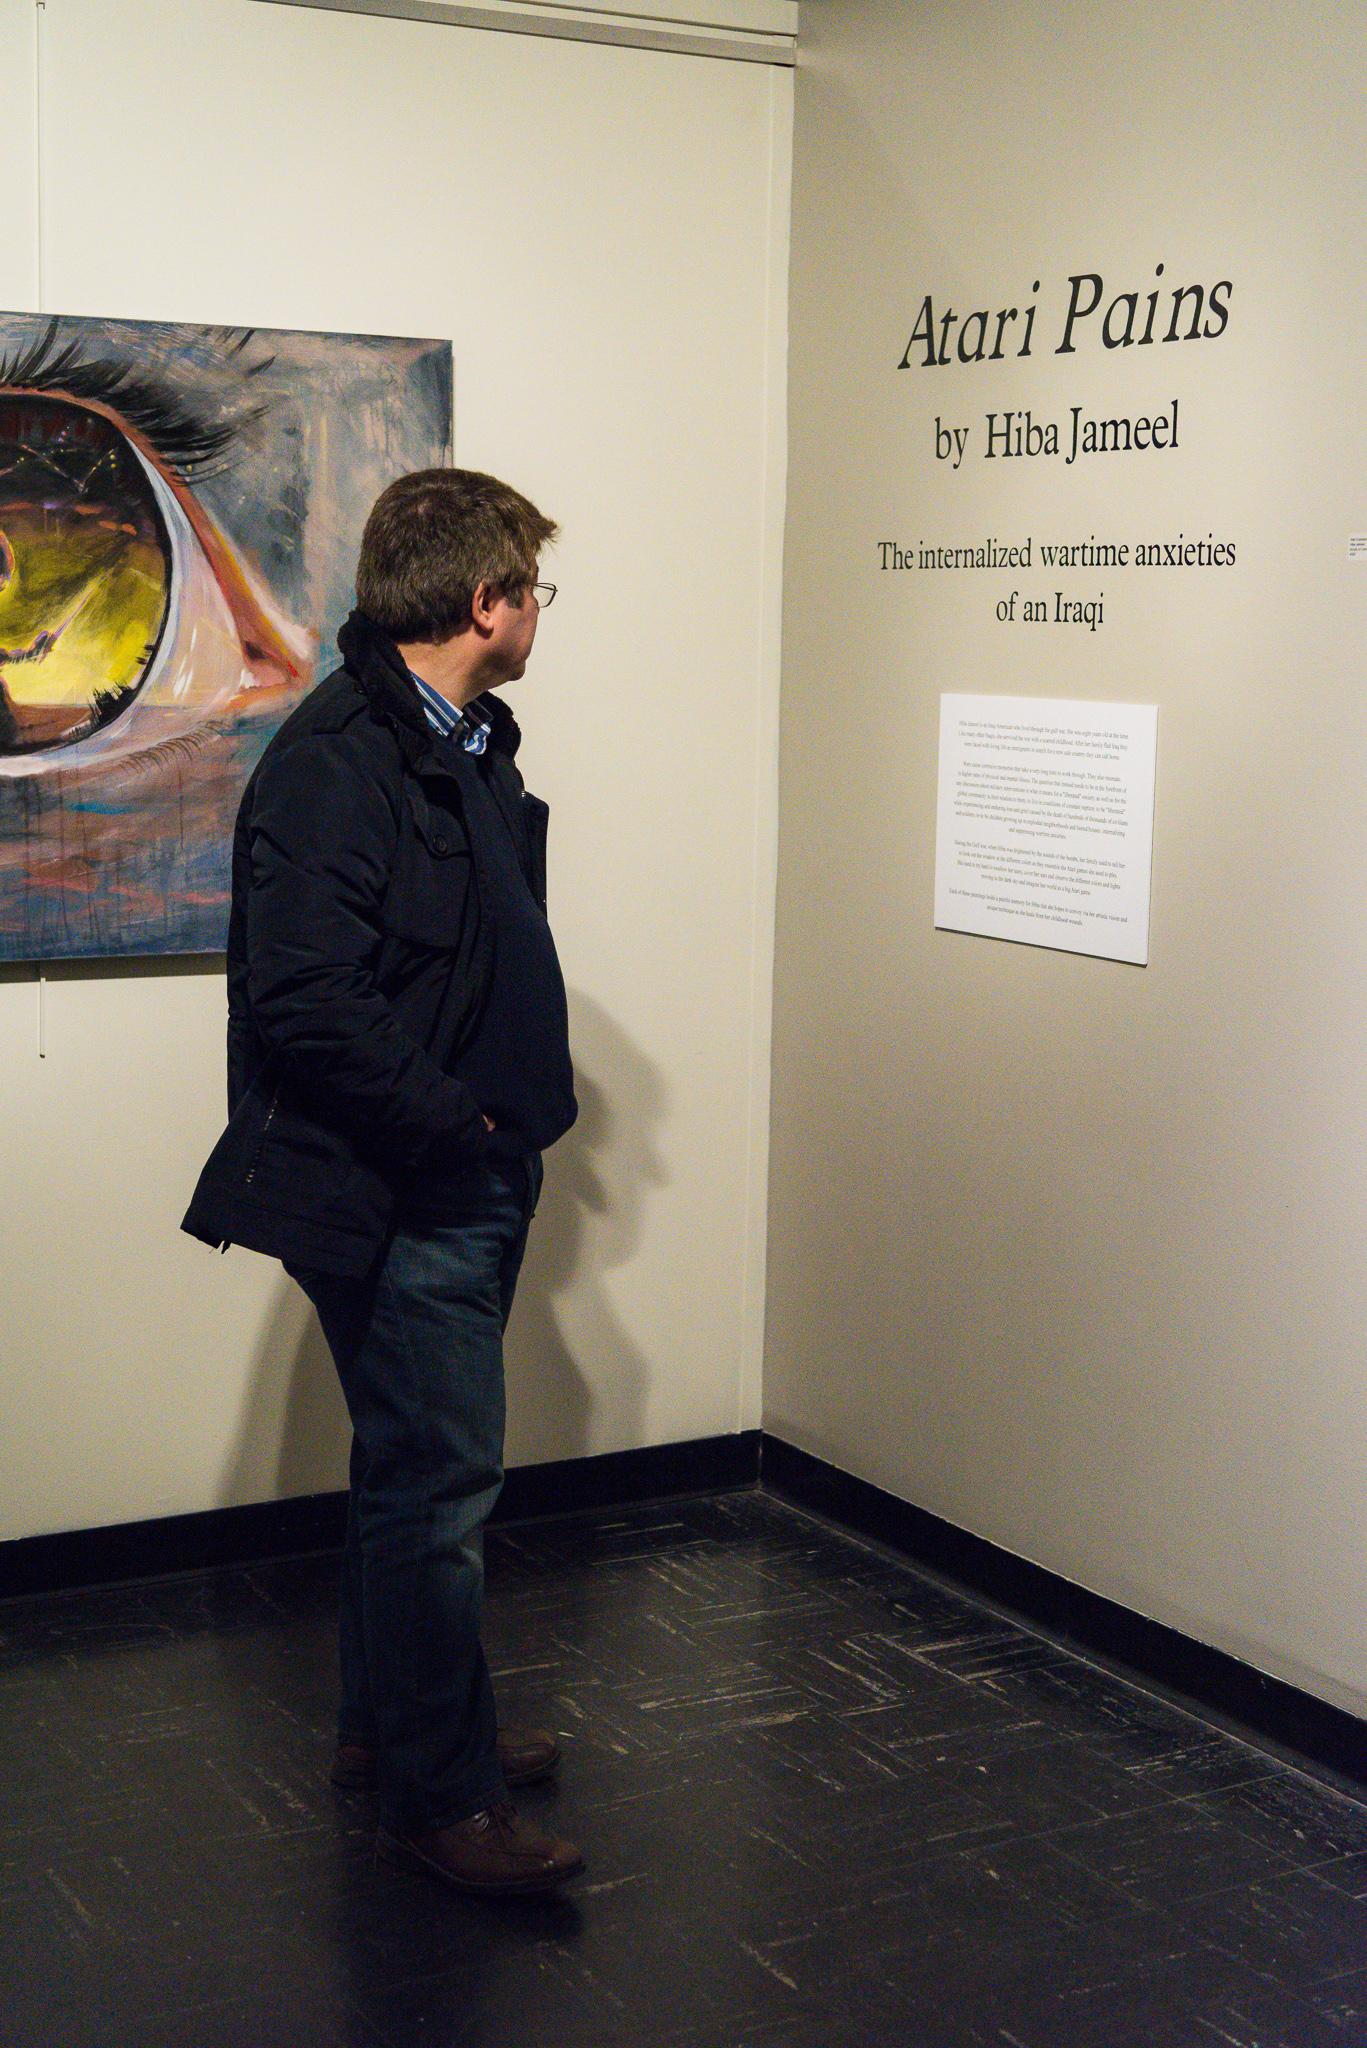 Gallery Goer